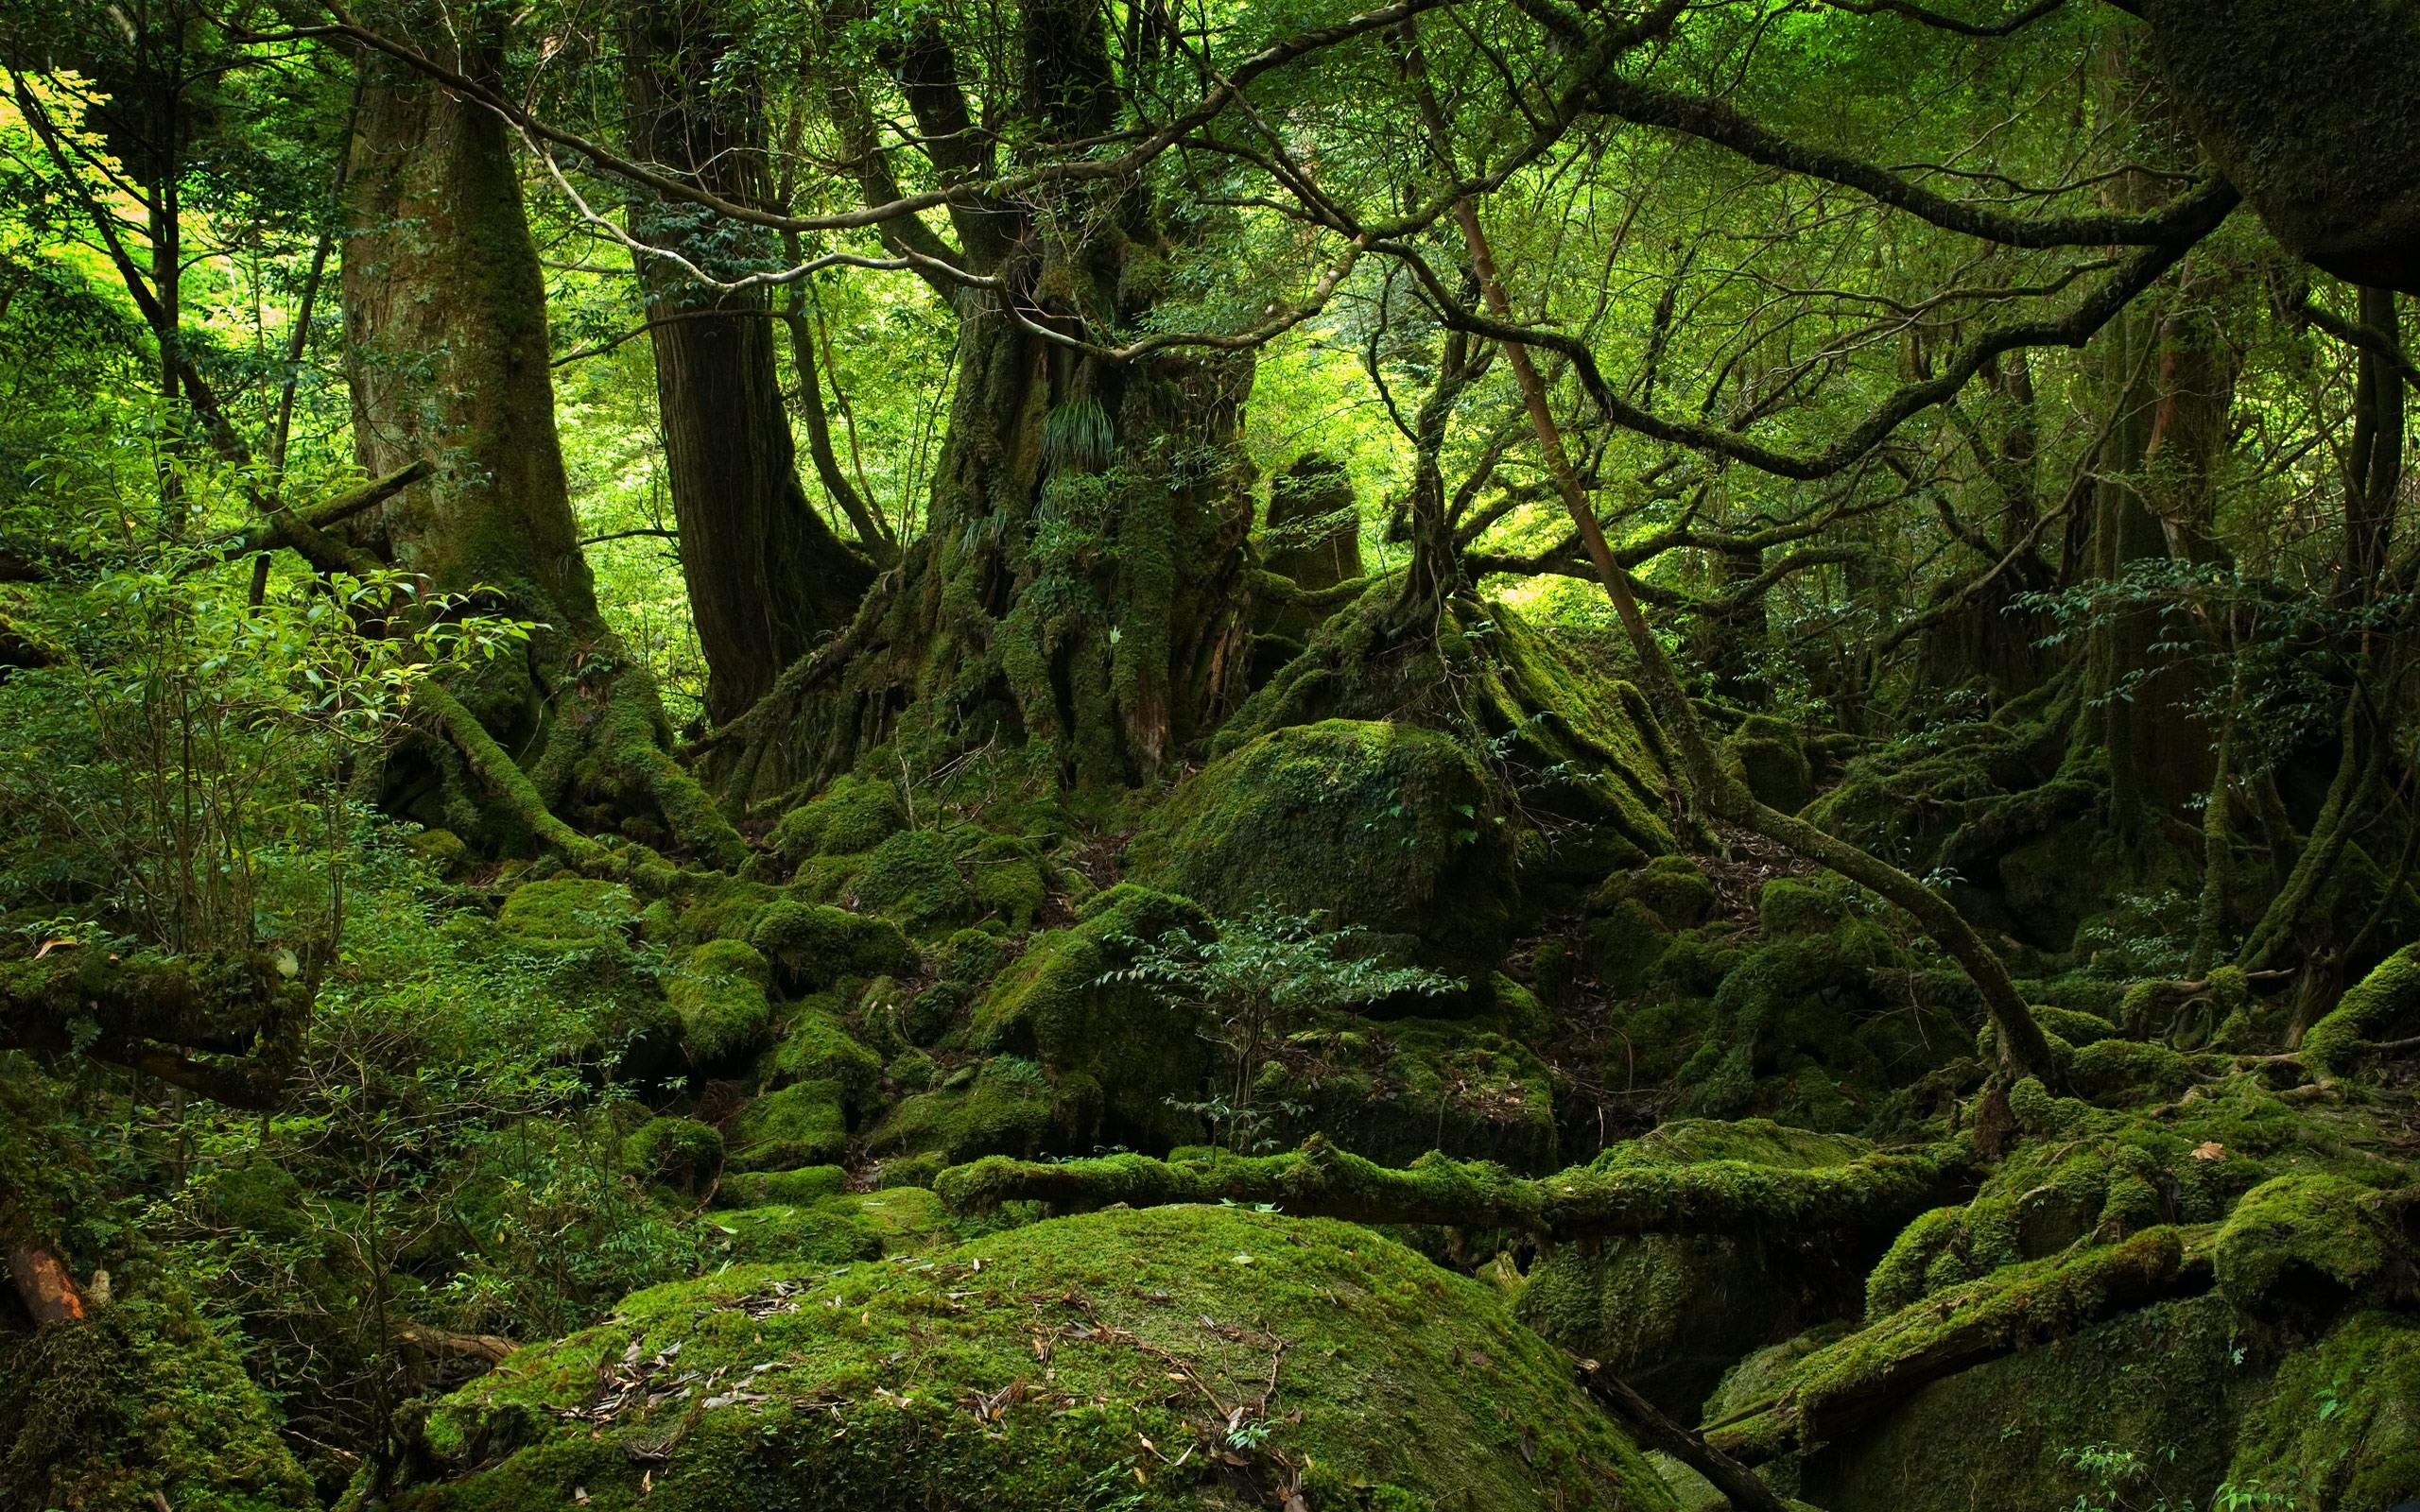 Lush Green Forest desktop wallpaper 2560x1600